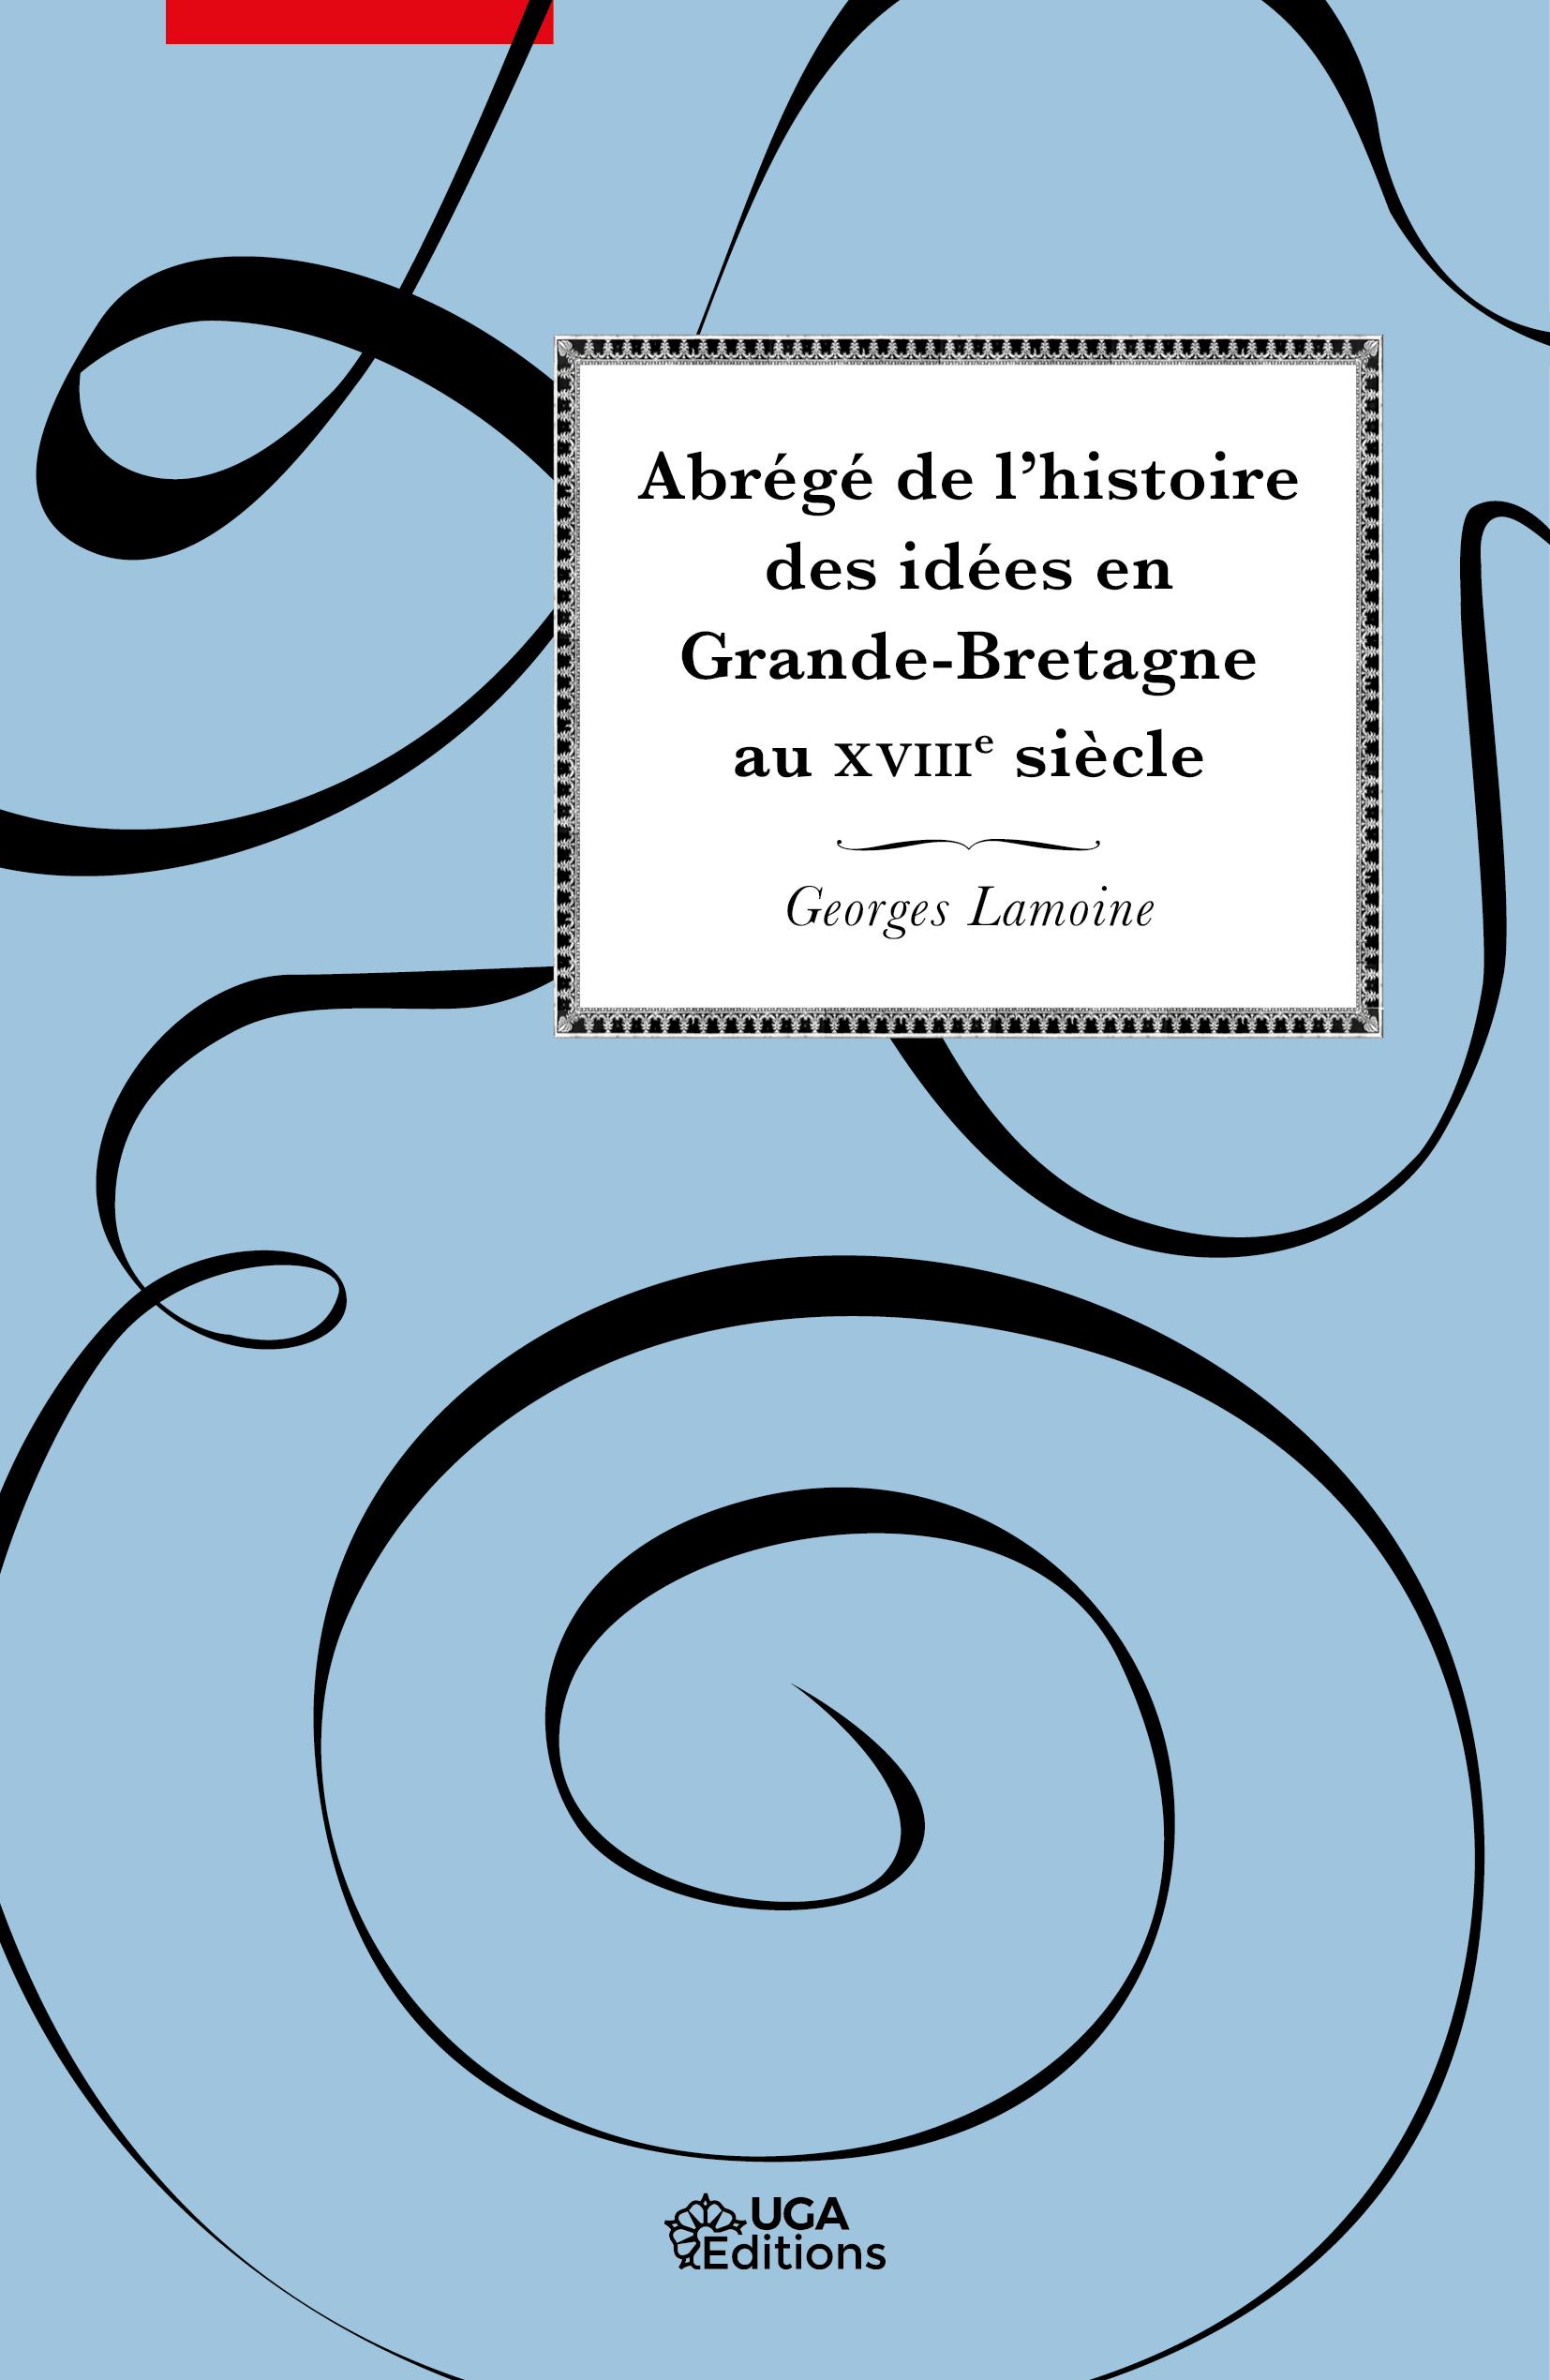 G. Lamoine, Abrégé de l'histoire des idées en Grande-Bretagne au XVIIIe siècle